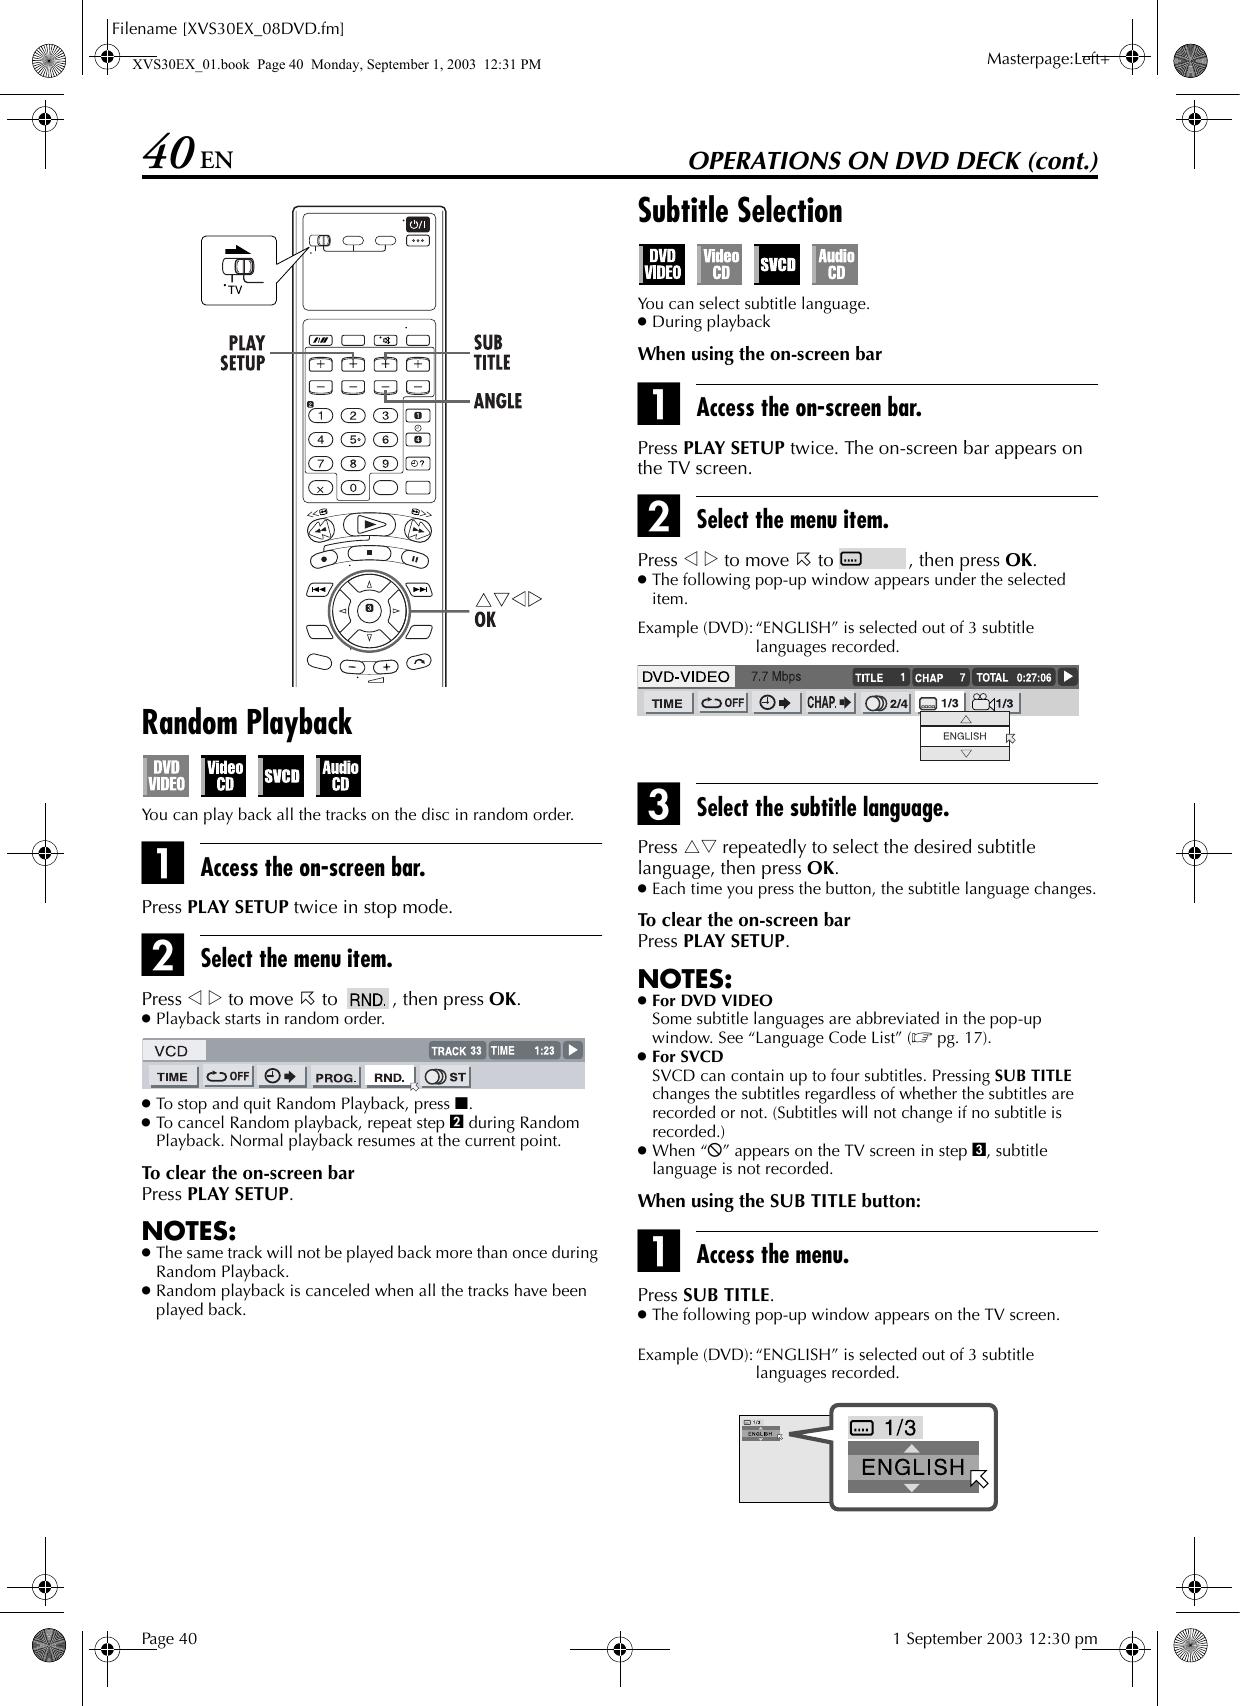 JVC HR XVS30E User Manual LPT0860 001A